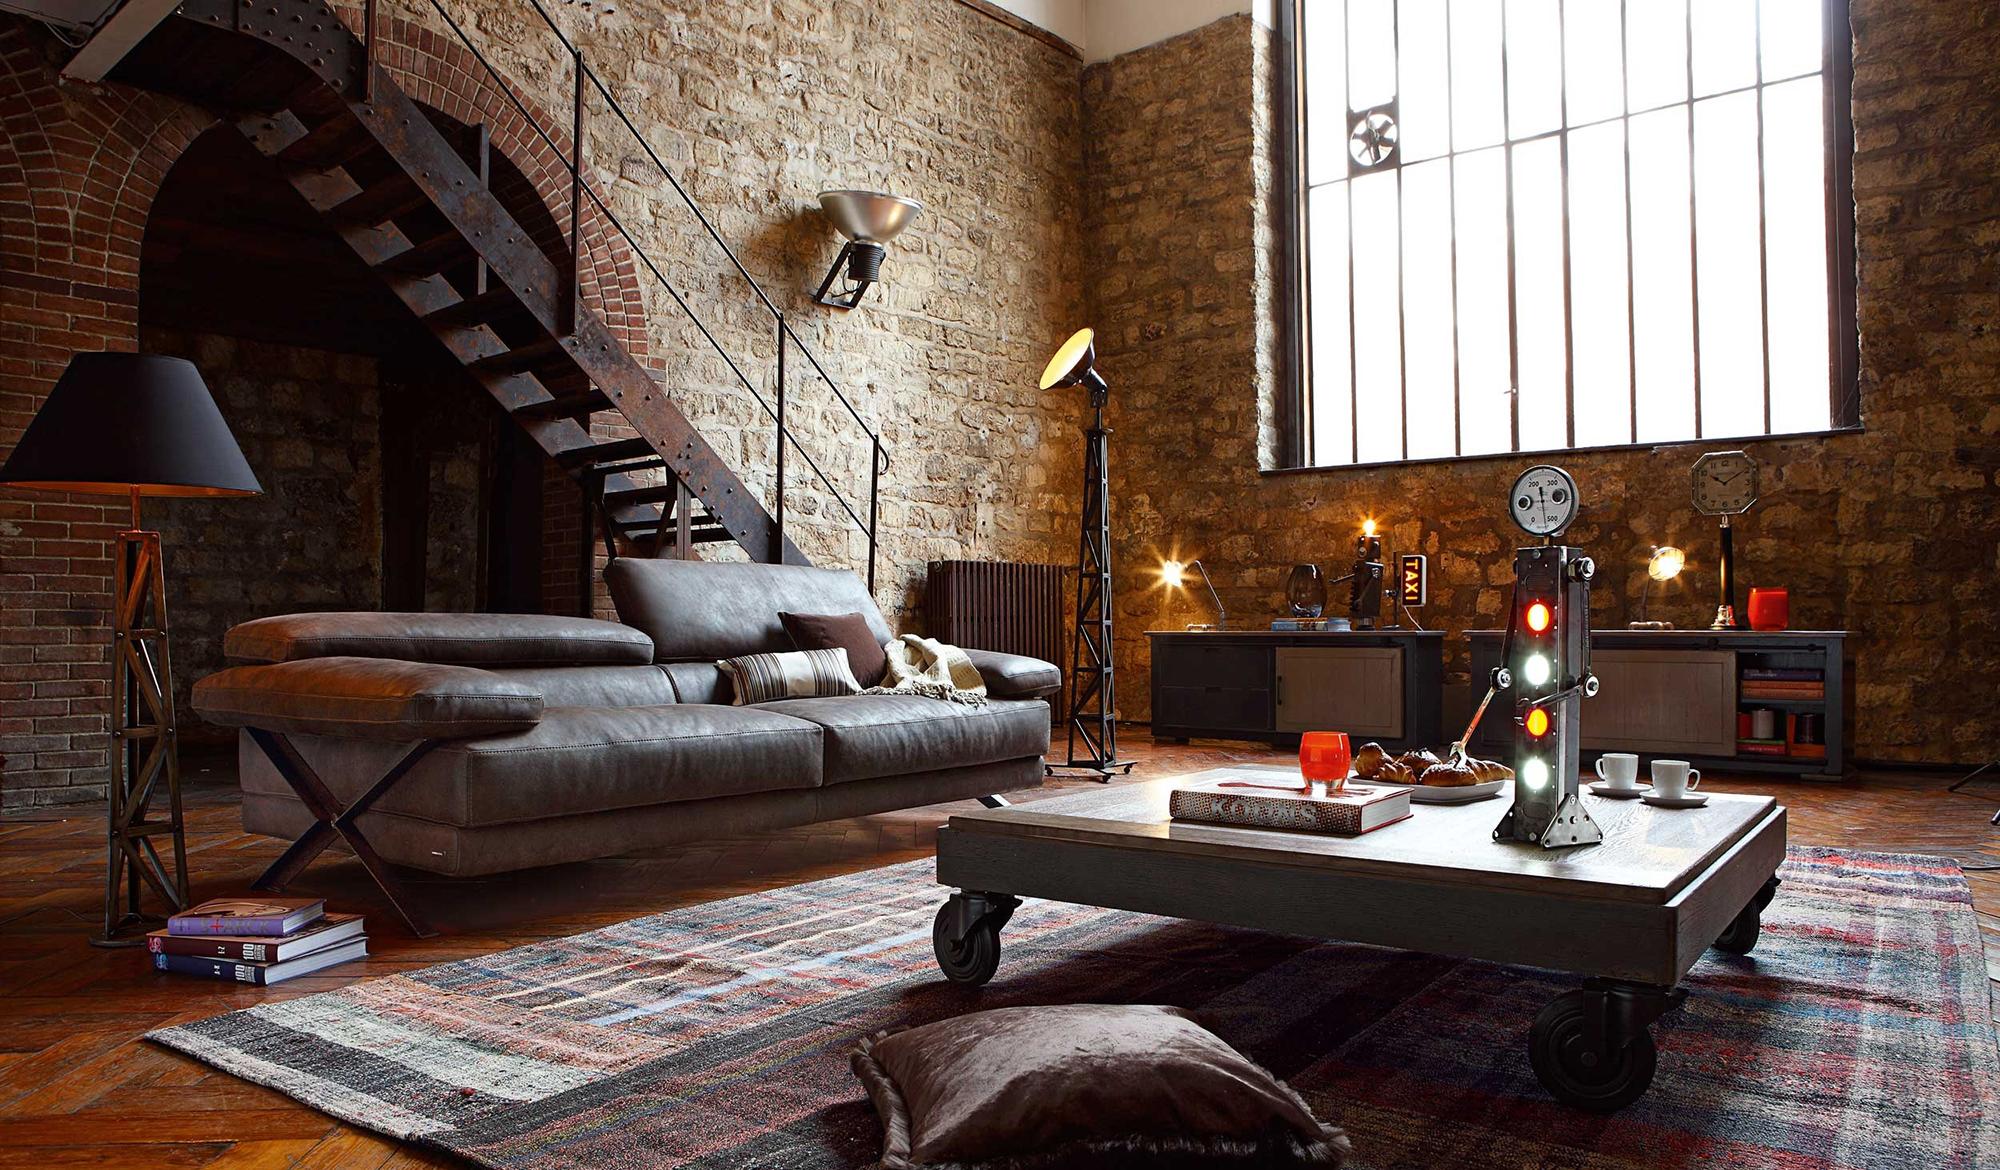 Гостиная с кирпичными стенами в индустриальном стиле